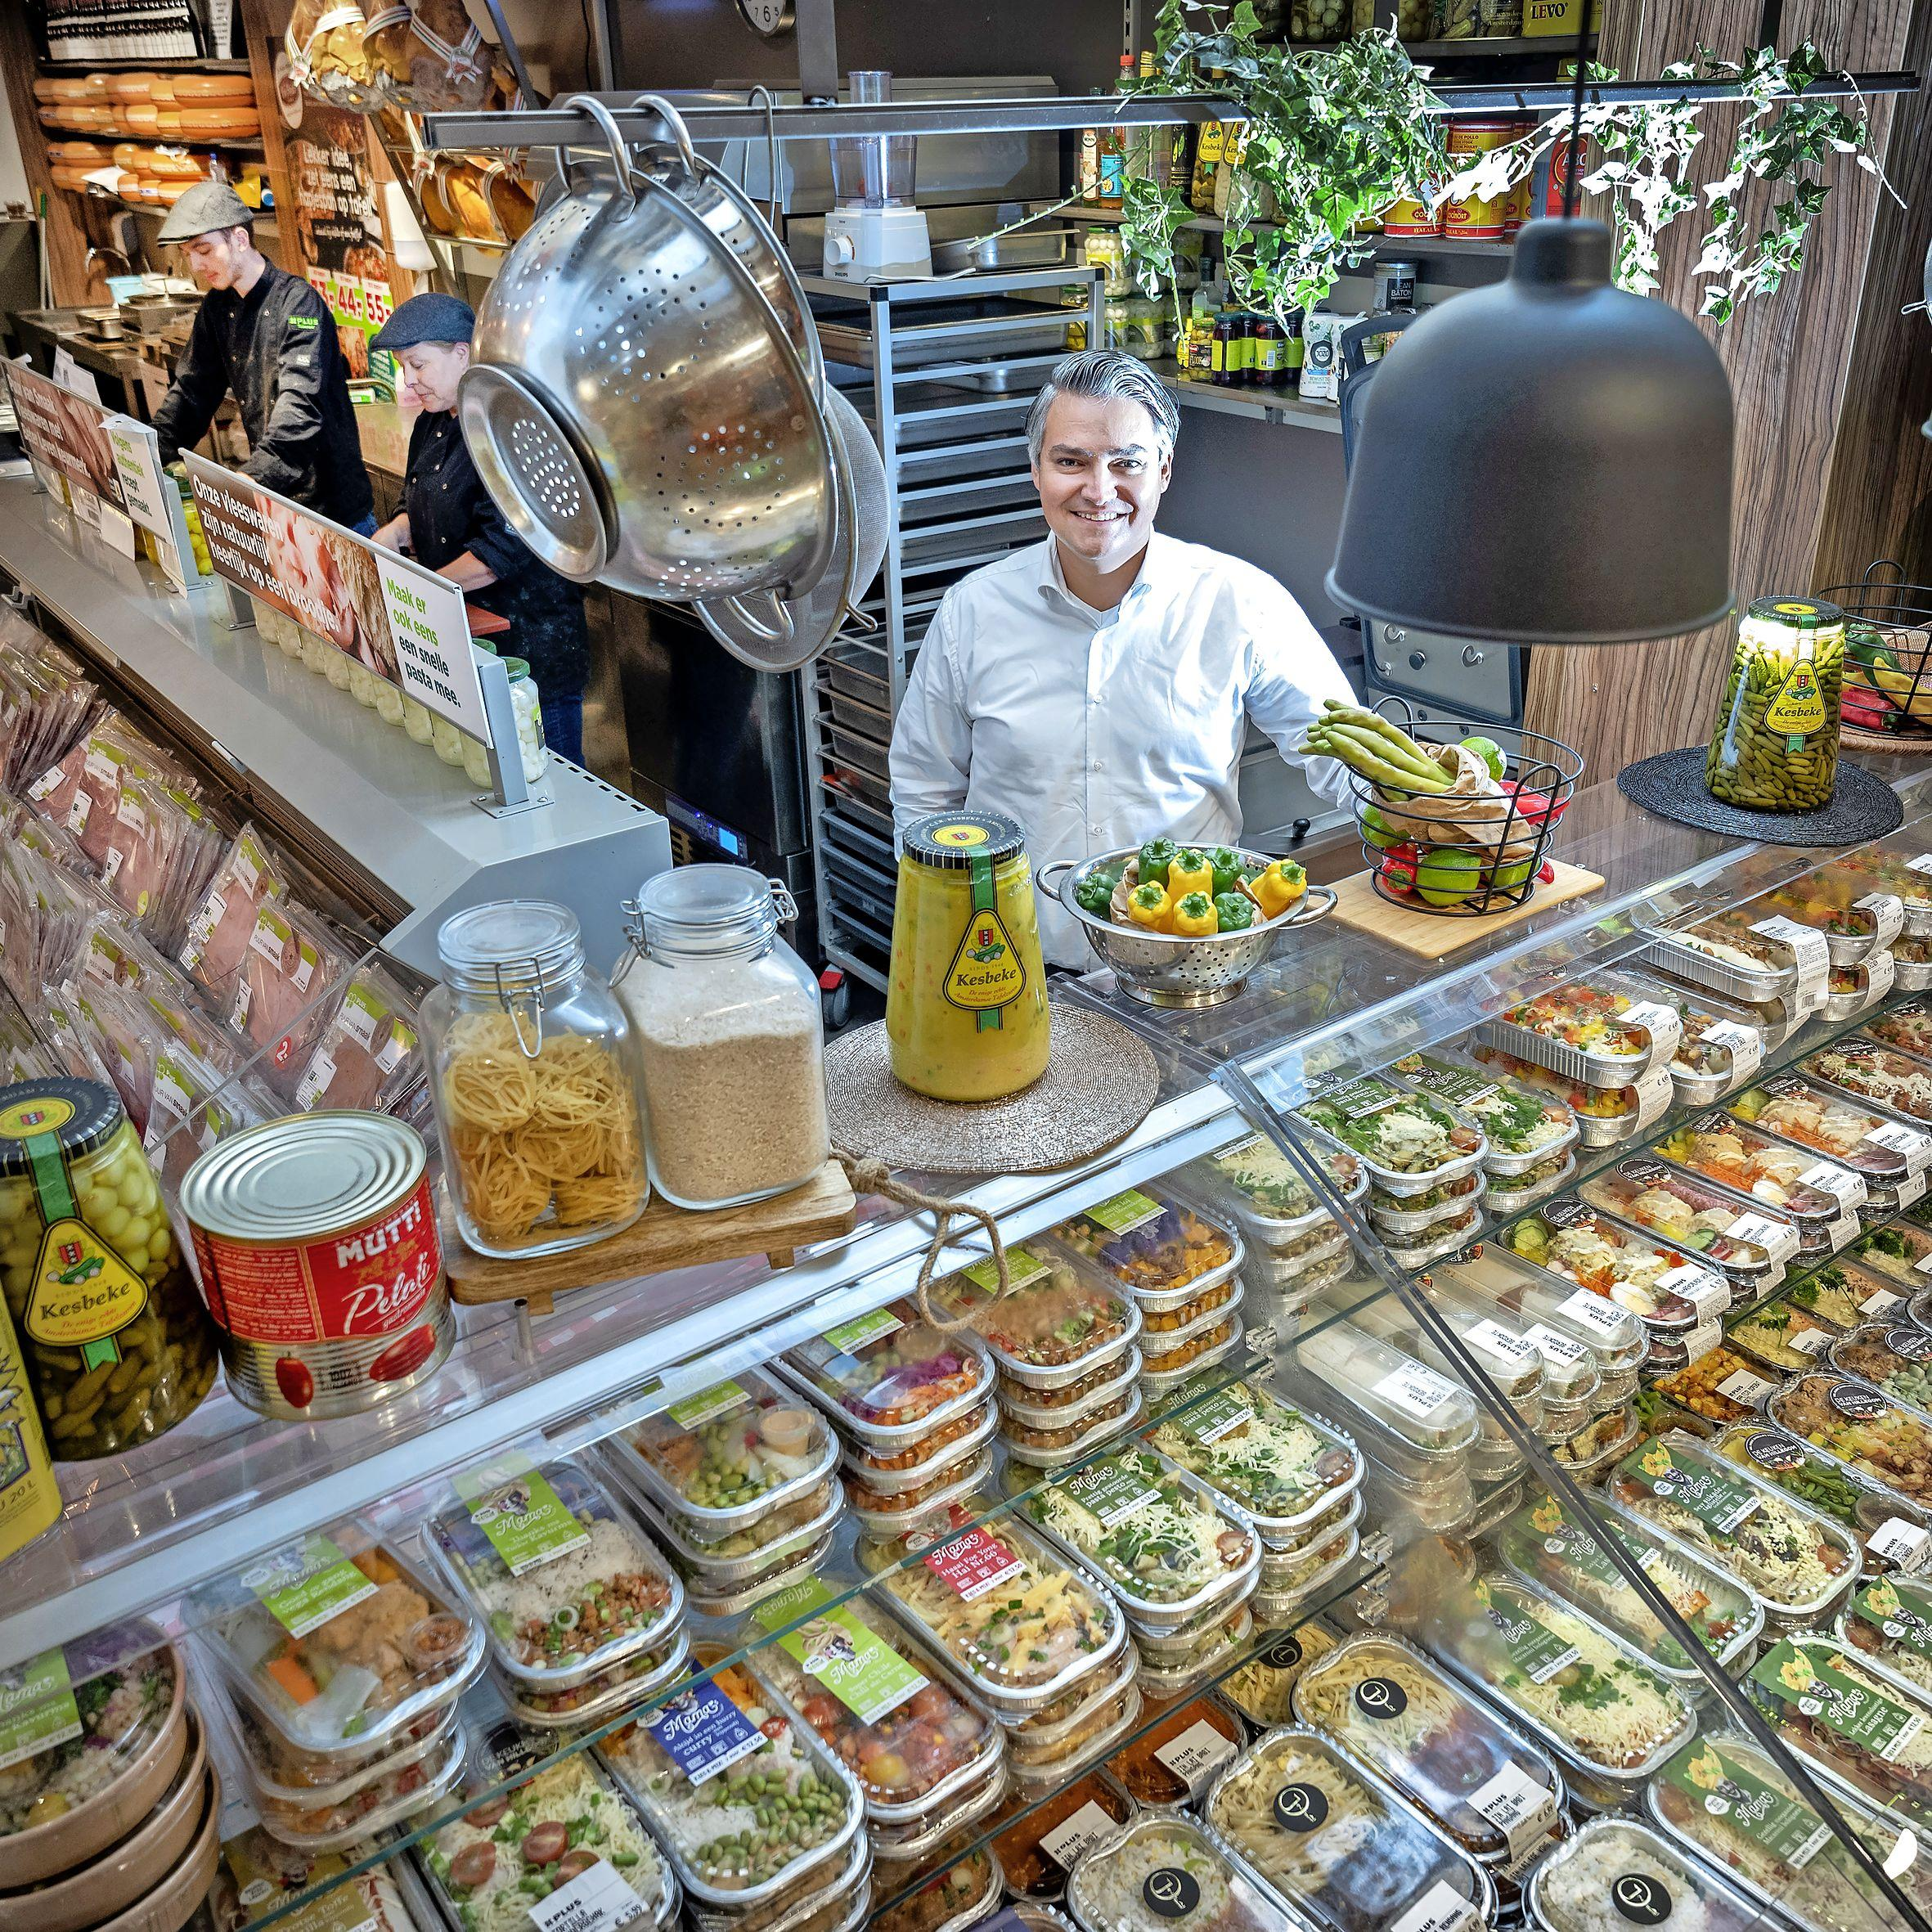 Het succesverhaal van een kleine supermarktondernemer met een briljant idee: zijn kant-en-klaarmaaltijden veroveren Nederland